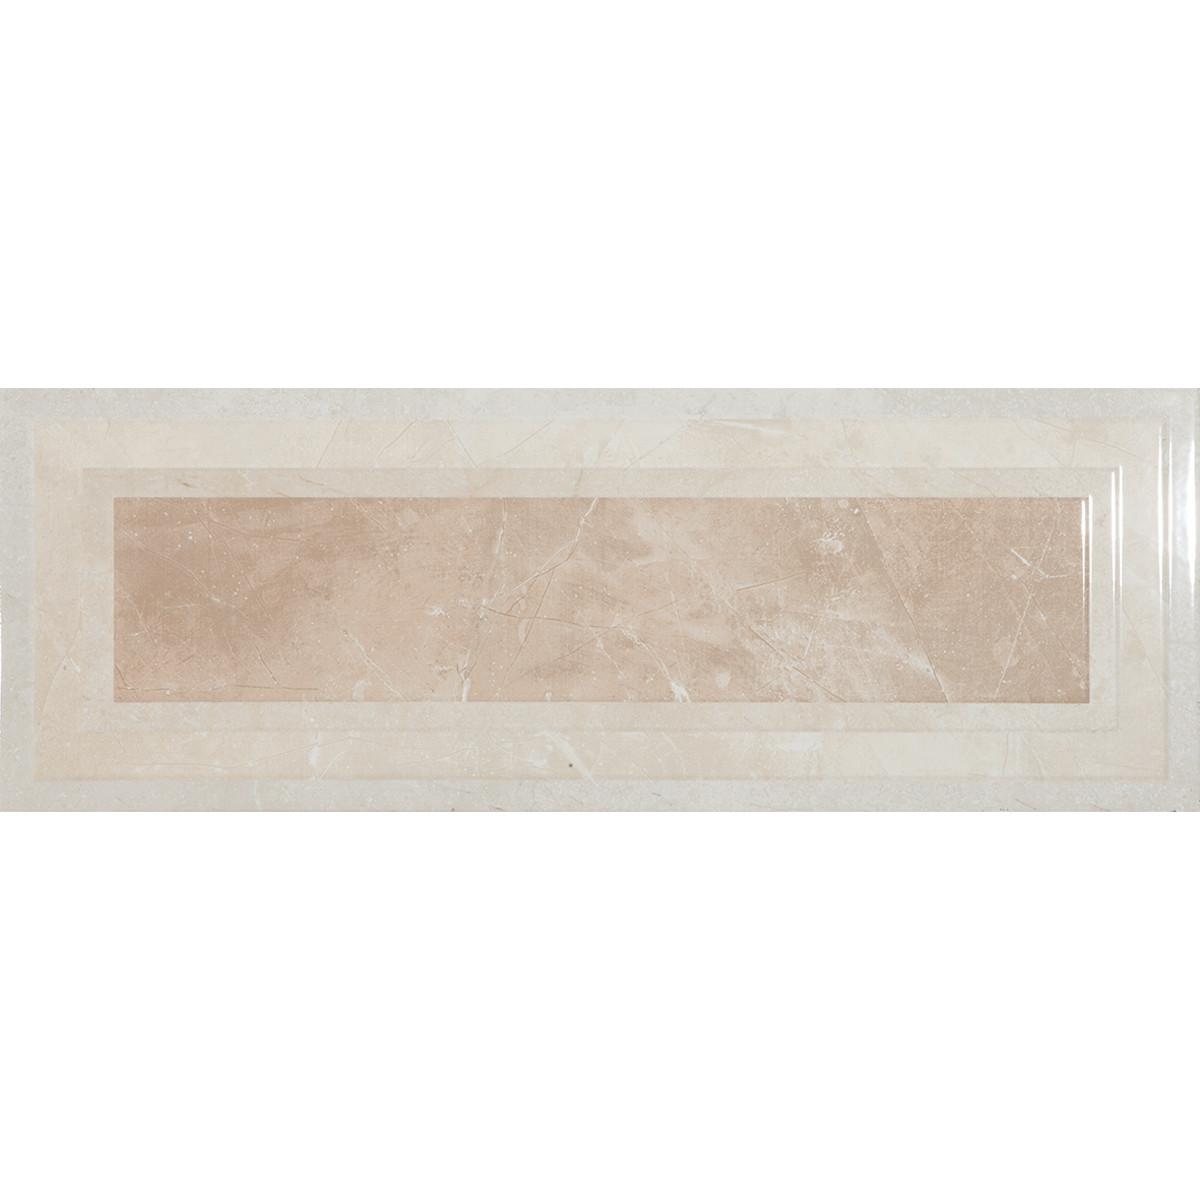 Piastrella versail classico 25 x 70 prezzi e offerte online for Tralicci leroy merlin